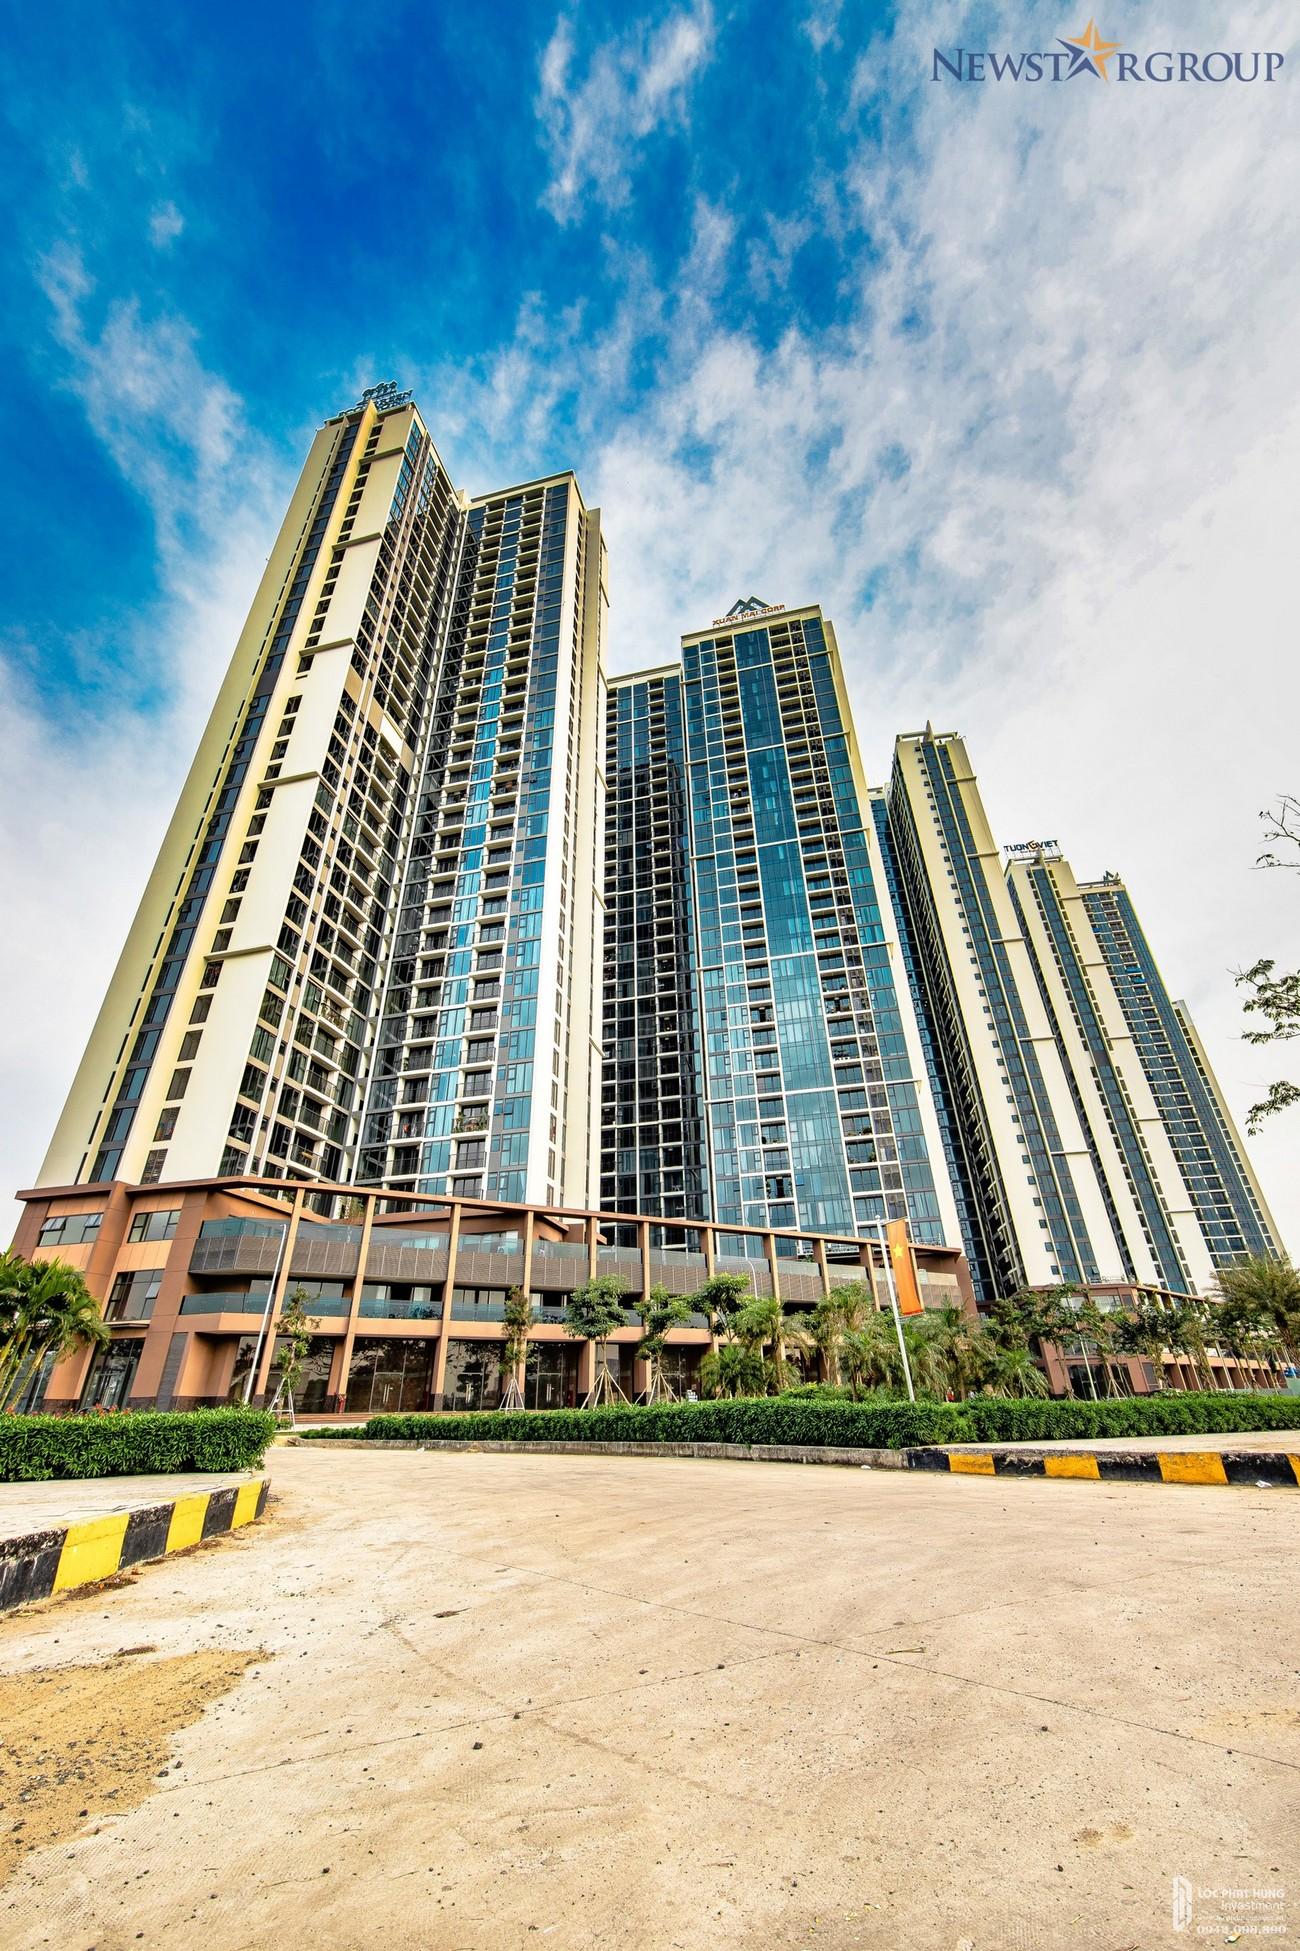 Phối cảnh dự án căn hộ chung cư Eco Green Sài Gòn Quận 7 Đường Nguyễn Văn Linh chủ đầu tư Xuân Mai